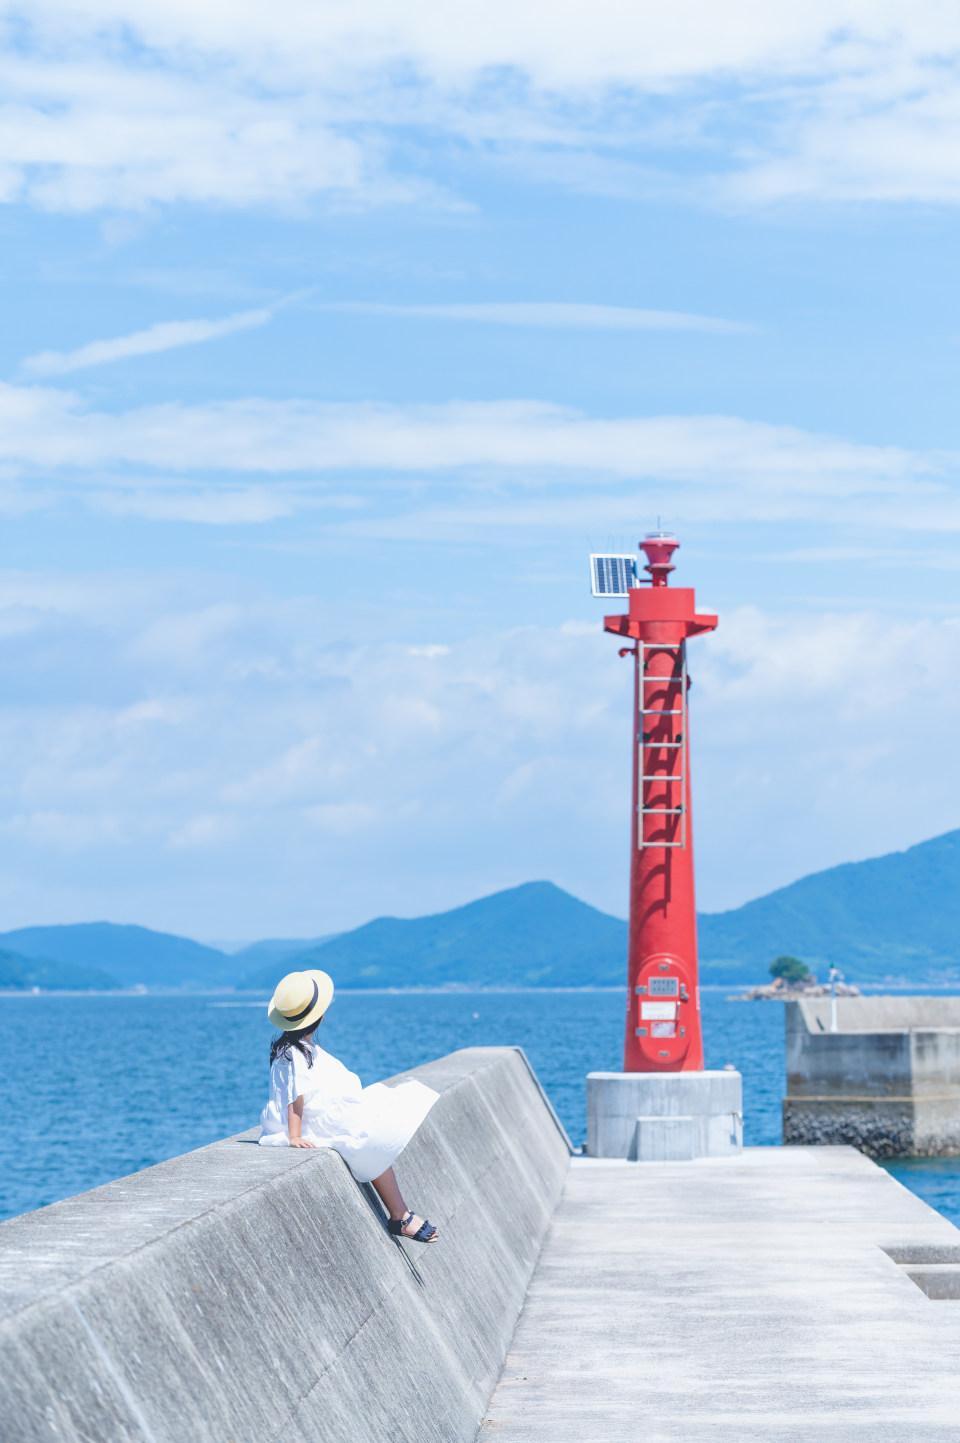 Z 6、AF-S NIKKOR 70-200mm f/2.8G ED VR II/撮影地:北木島(岡山県)